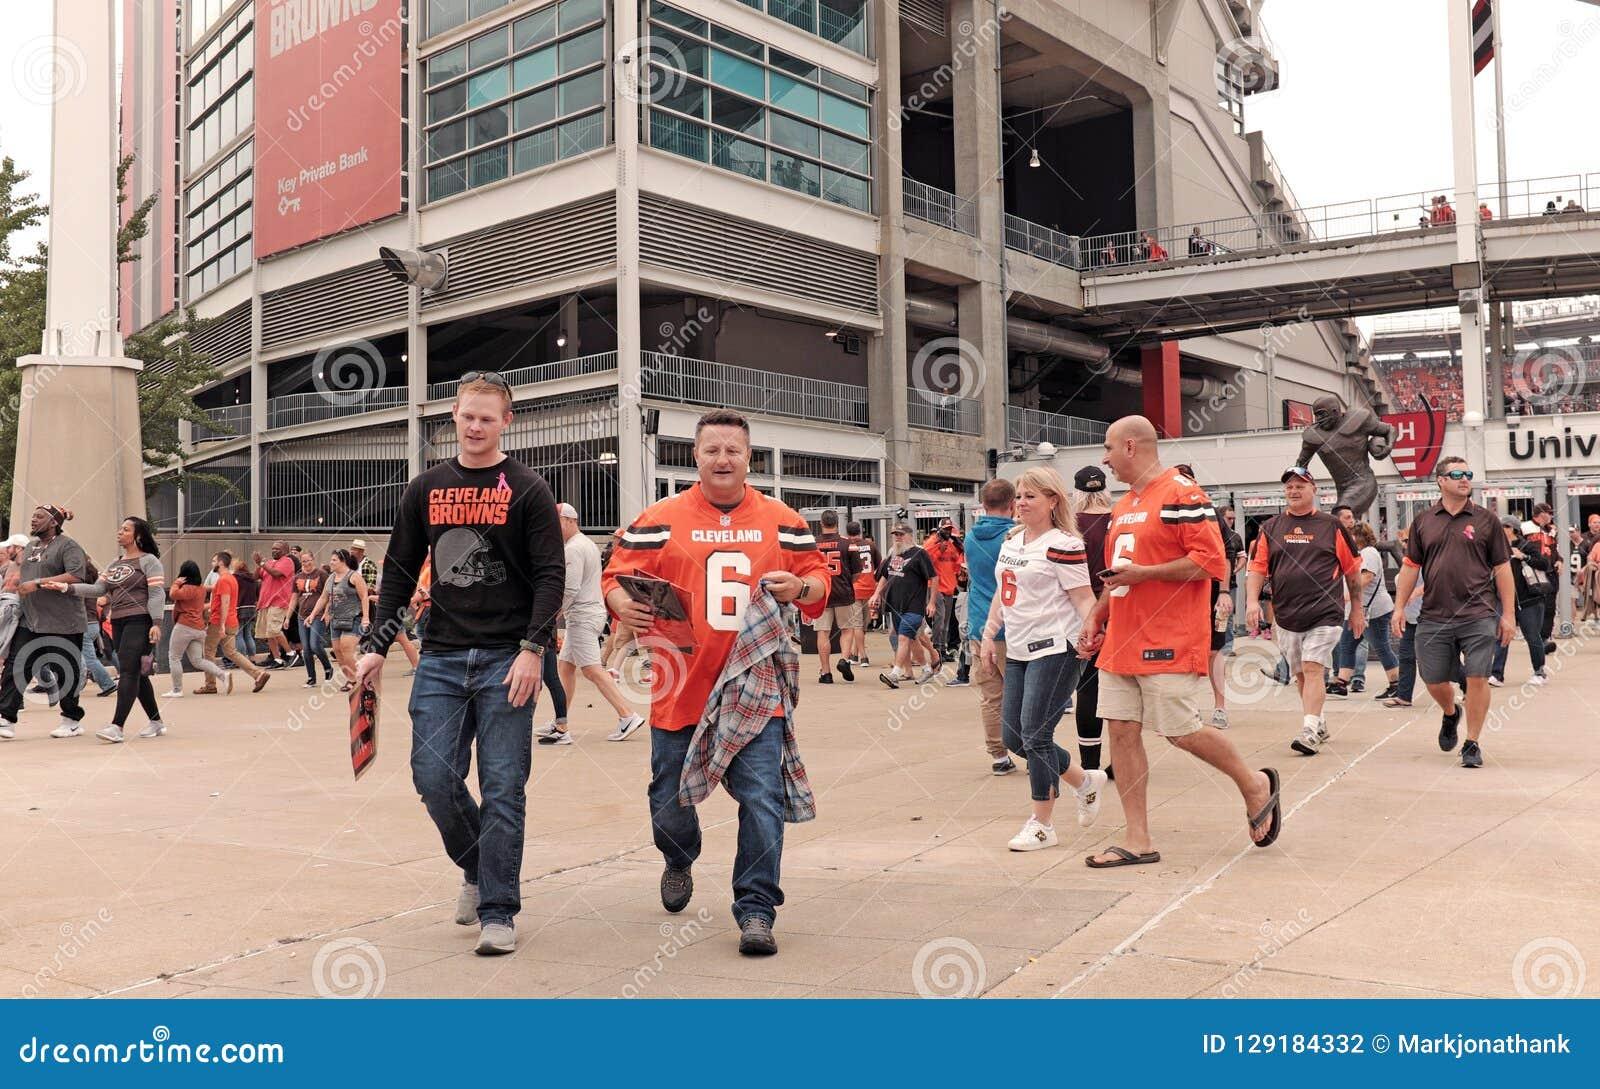 Les passionés du football de Cleveland Browns quittent le stade de FirstEnergy après une victoire